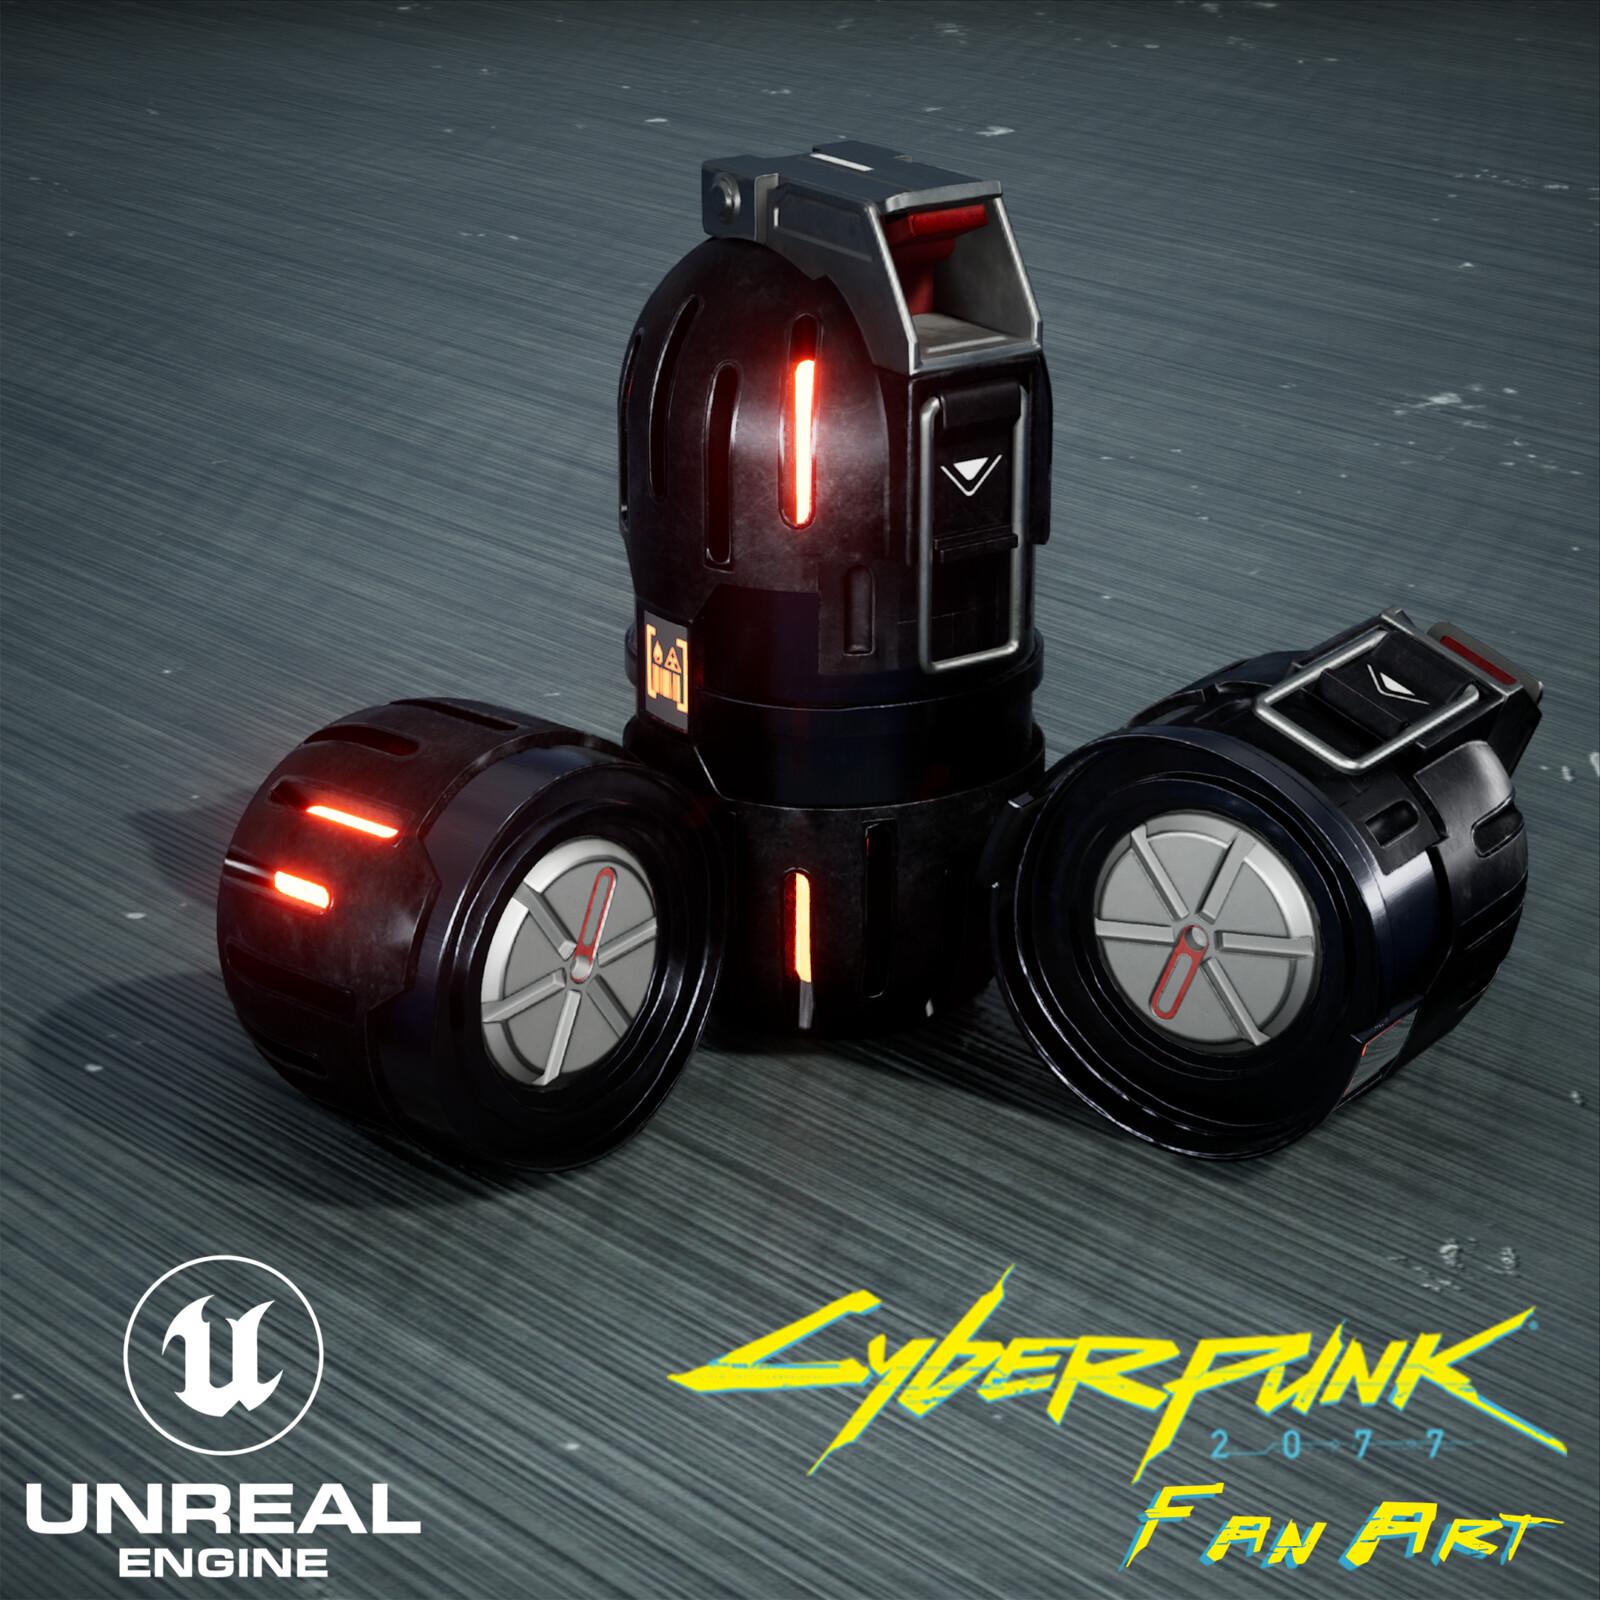 Cyberpunk 2077 Grenade Fan Art